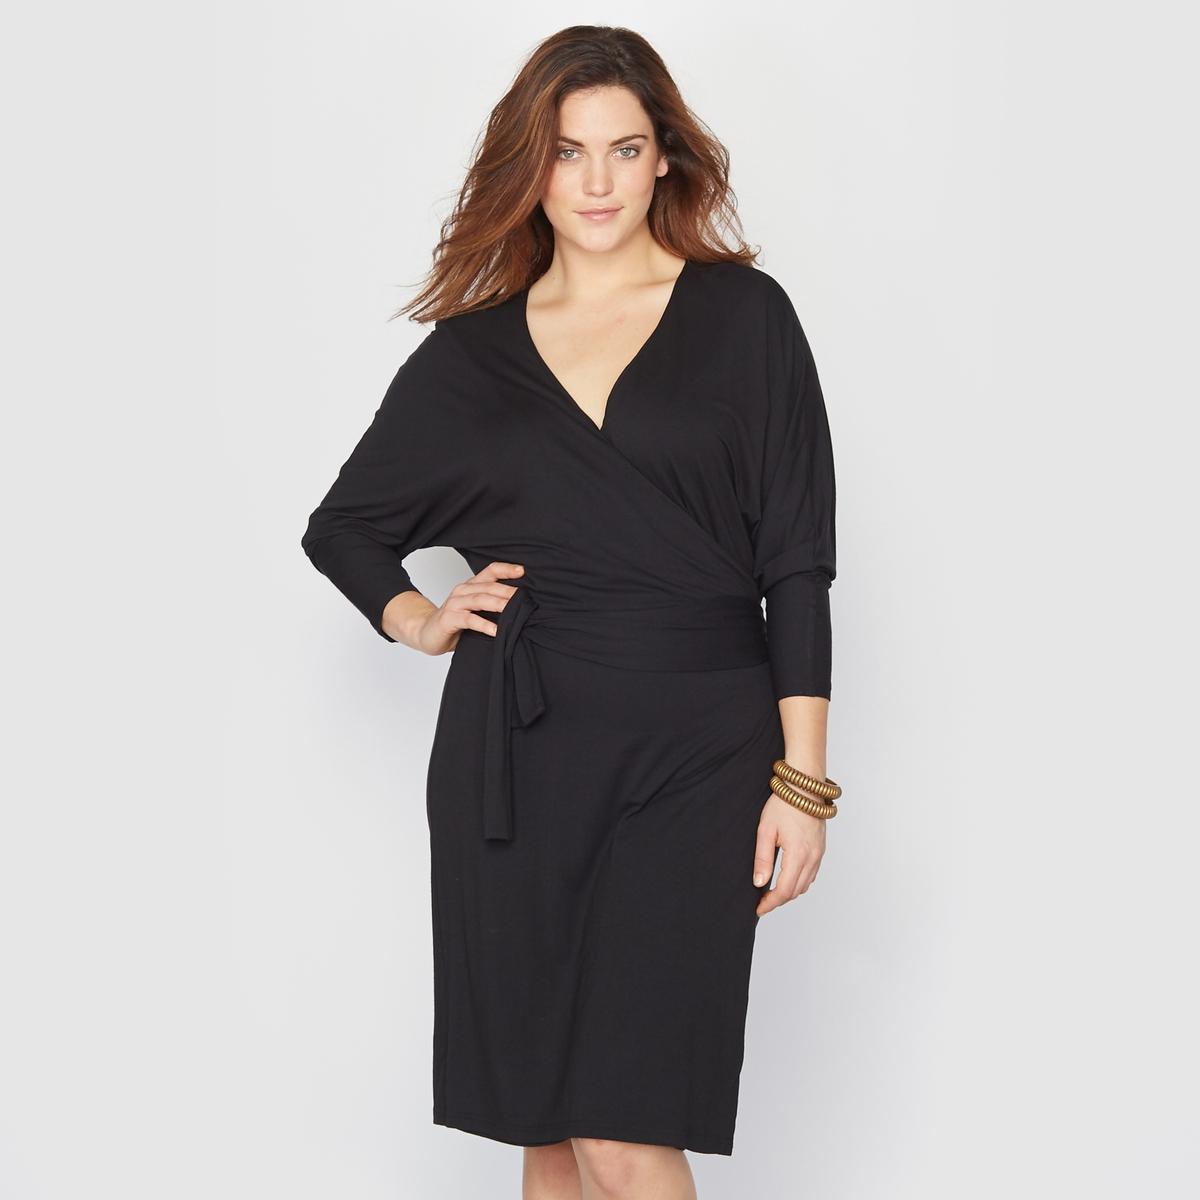 Платье с запахомПлатье с запахом и завязками  . Смотрится очень выигрышно  . Рукава 3/4 летучая мышь . Elastiqu?e ? la taille pour plus de confort. Трикотаж, 95% вискозы, 5% эластана. Длина 100 см.<br><br>Цвет: черный<br>Размер: 54/56 (FR) - 60/62 (RUS)